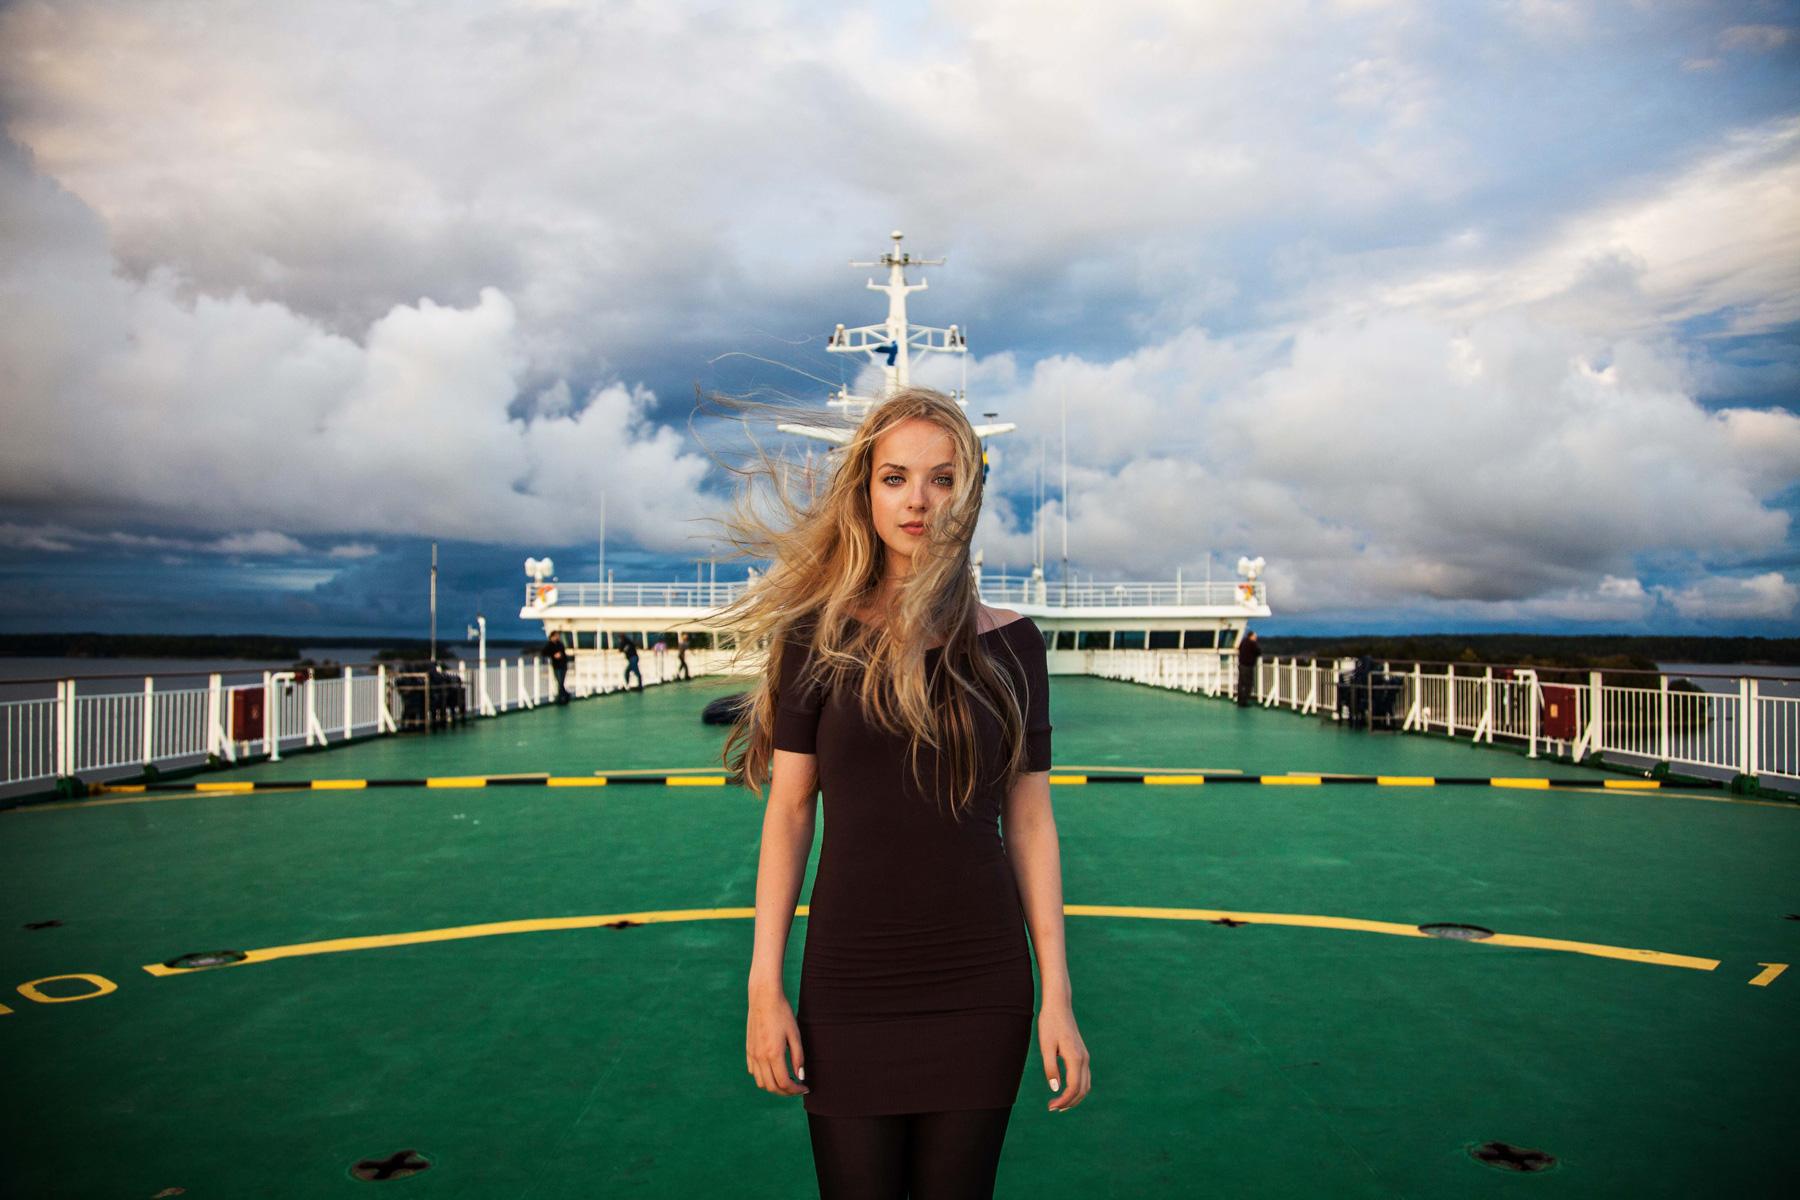 Mihaela-Noroc-Atlas-of-Beauty-Baltic-Sea